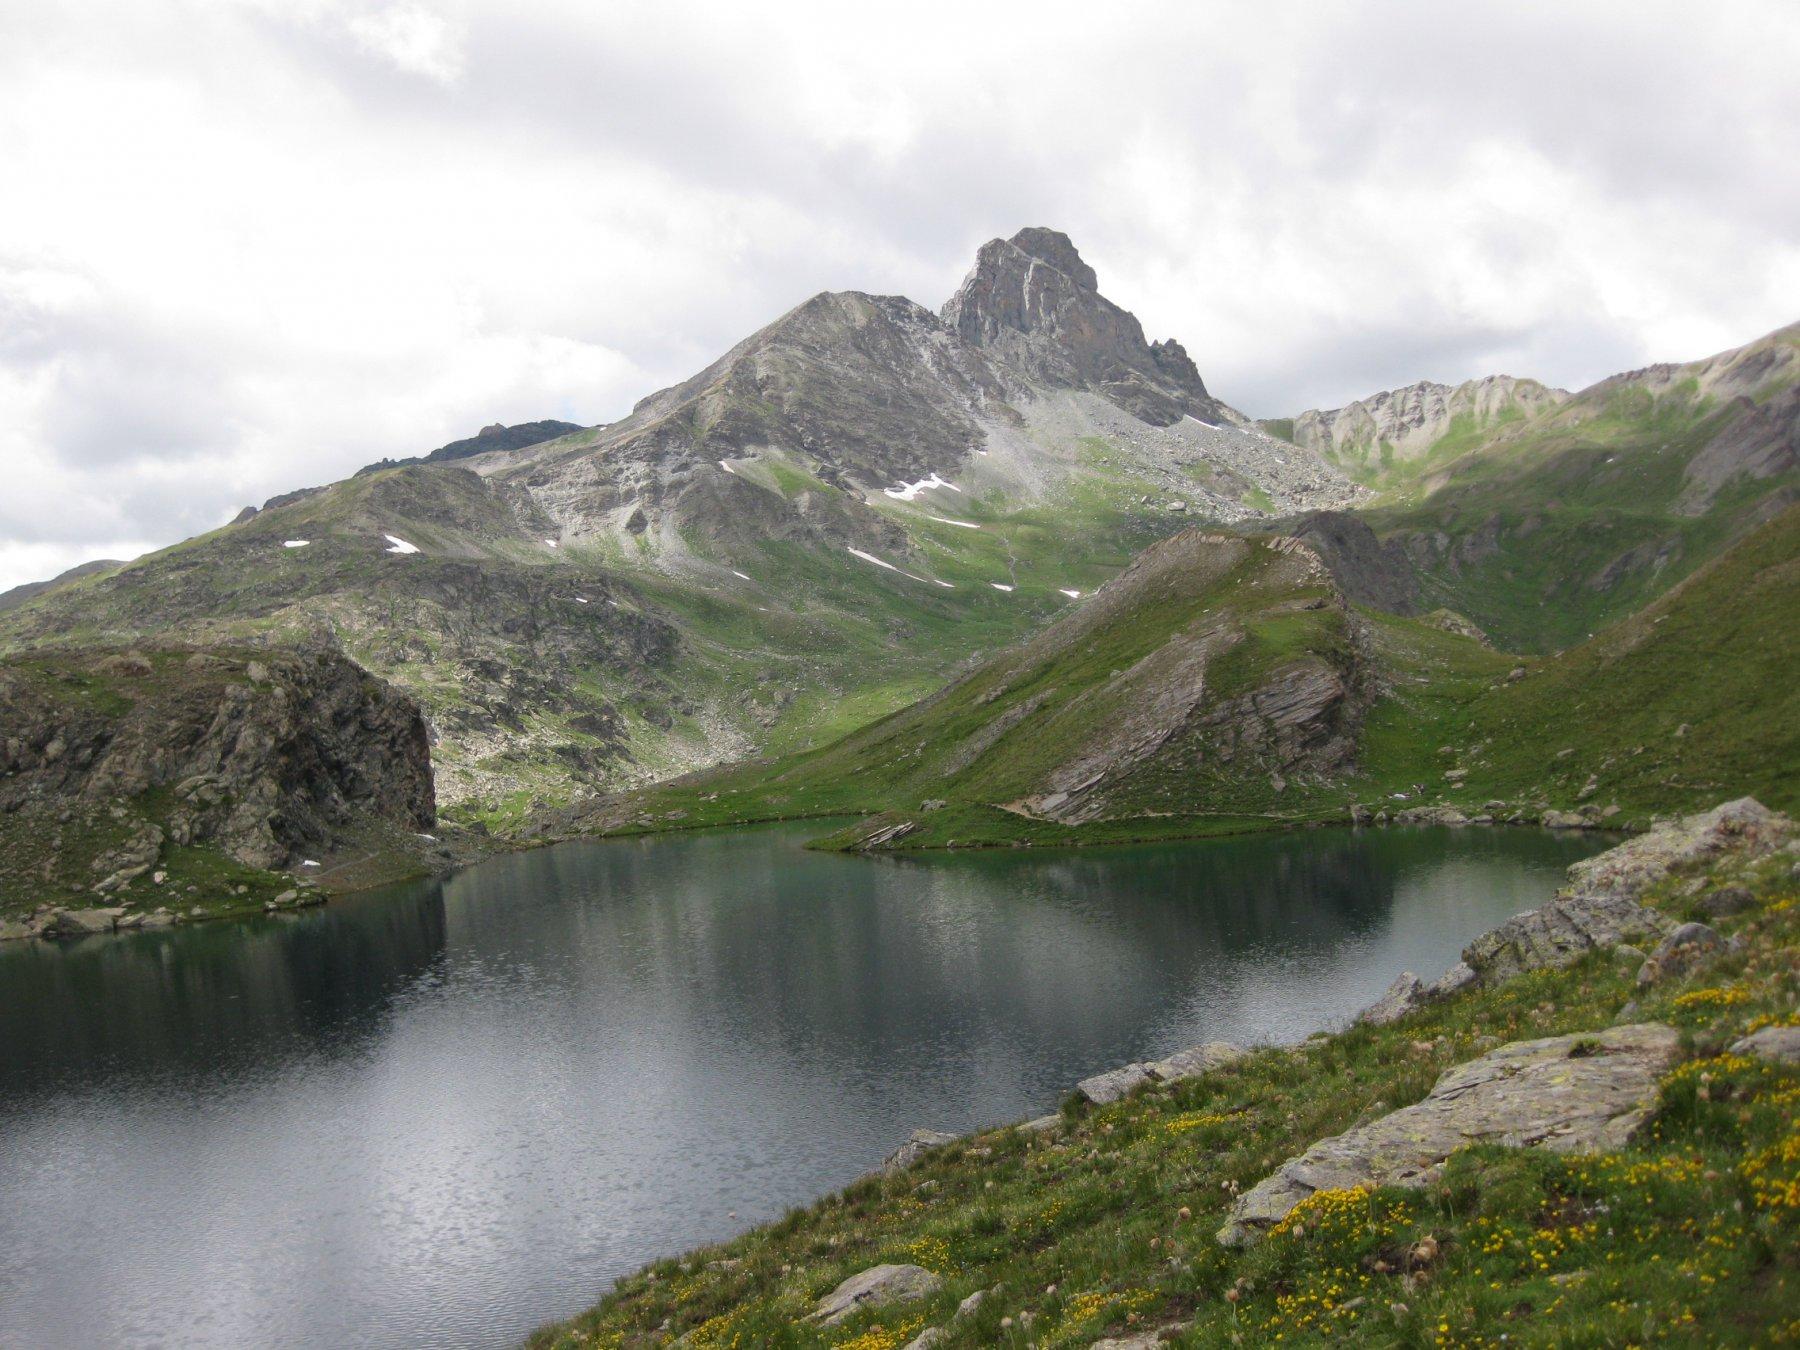 laghi blu sullo sfondo la rocca la niera